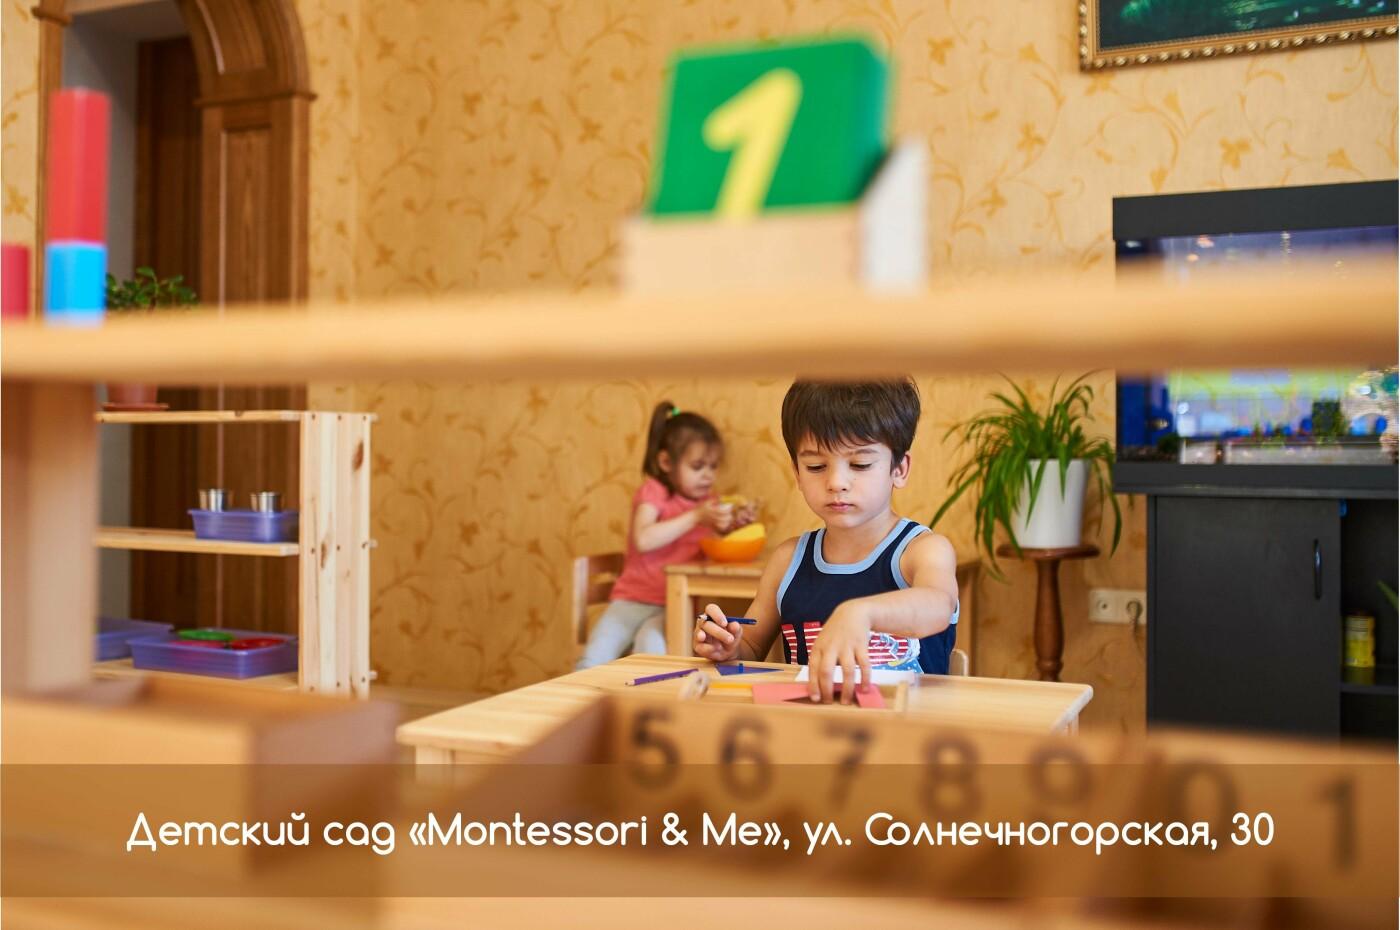 Частные детские сады в Харькове и частные школы в Харькове, фото-68